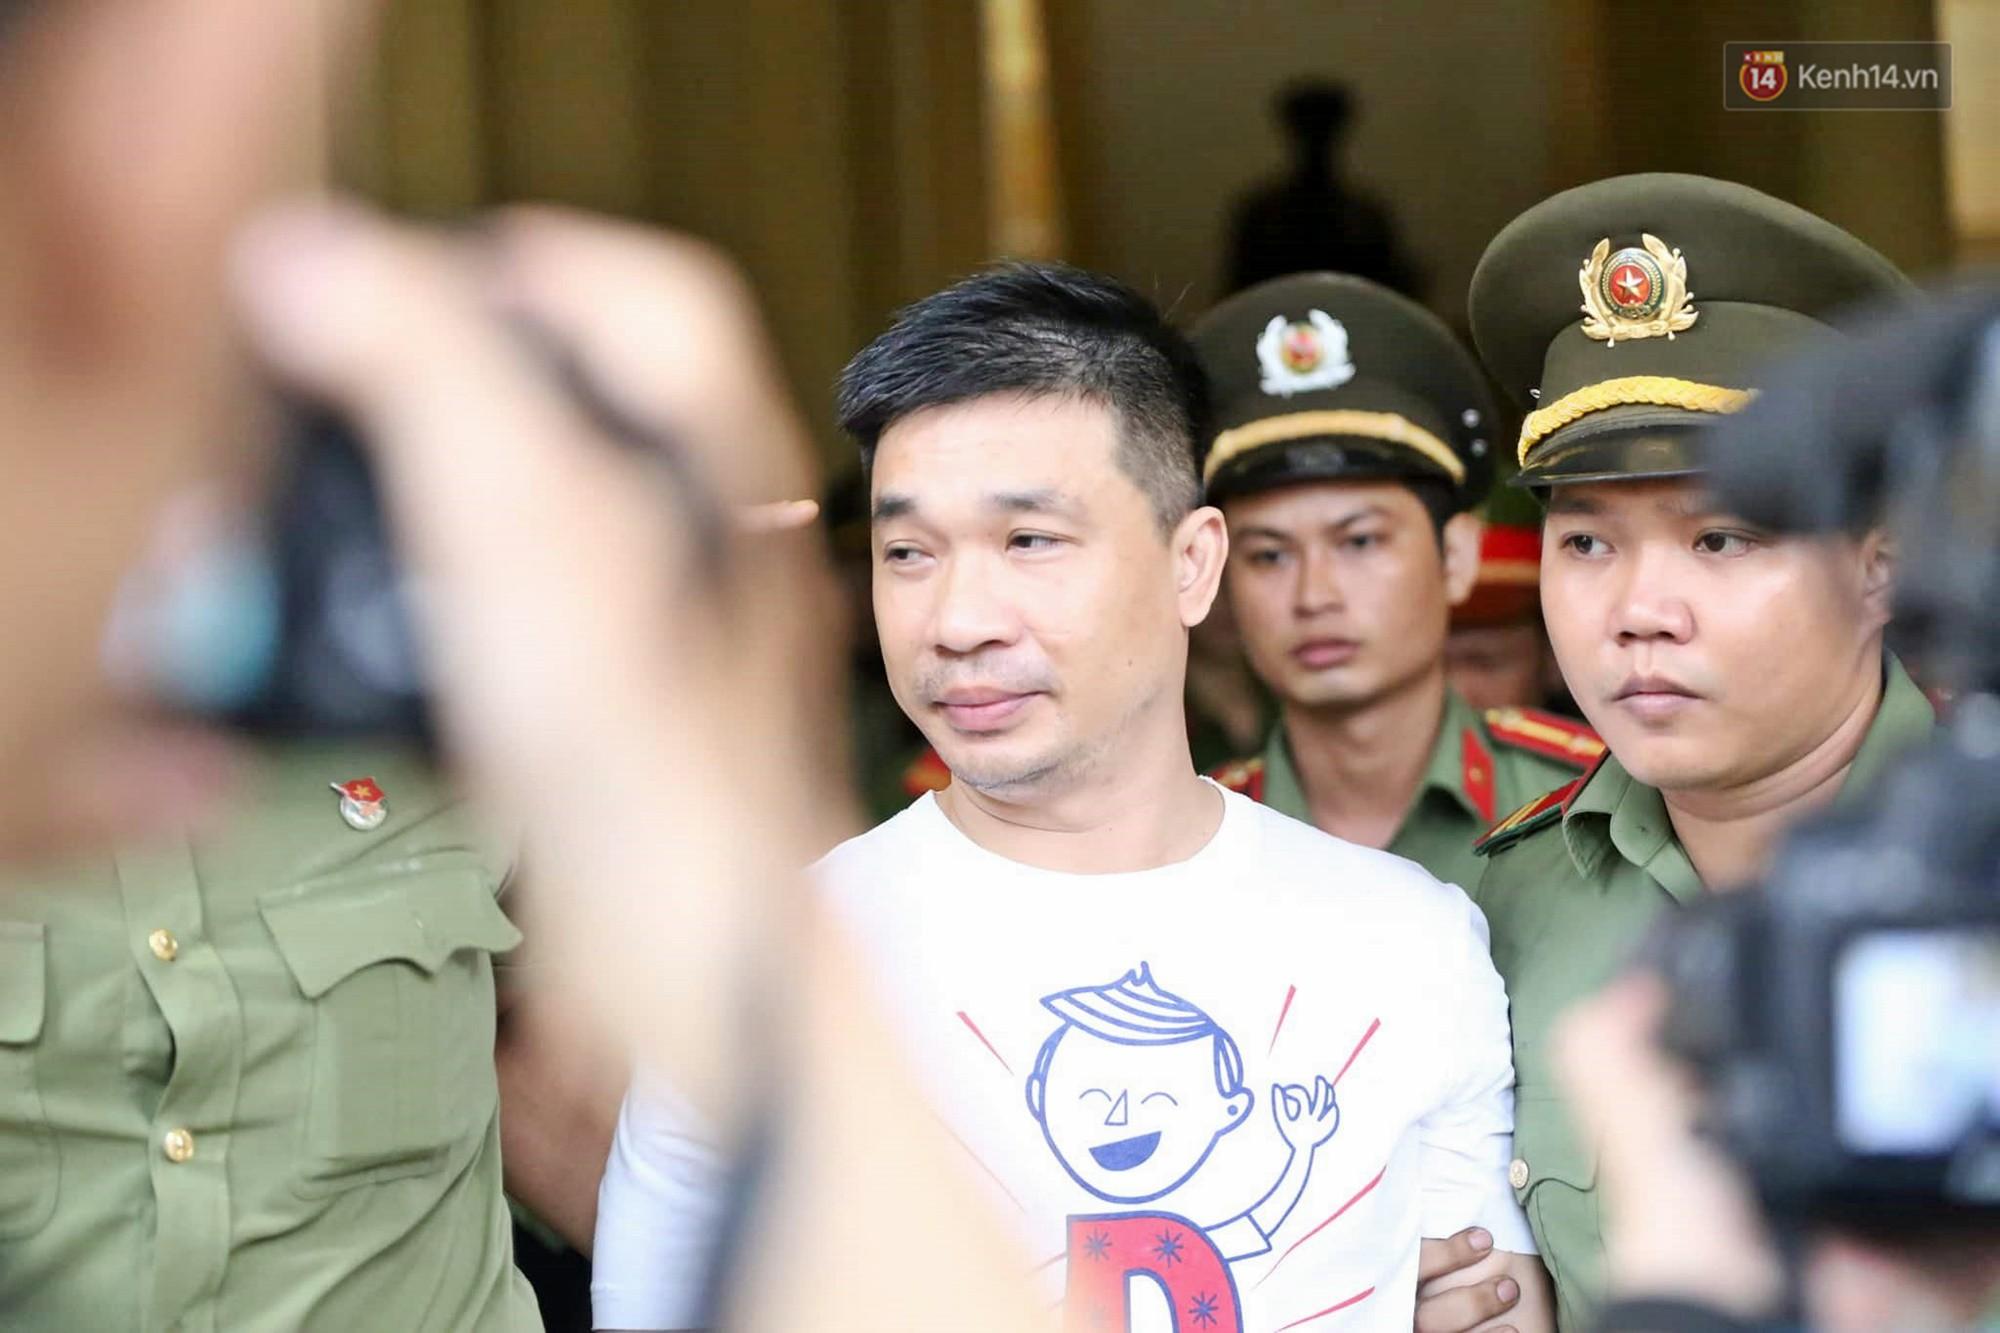 Ông trùm Văn Kính Dương vẫn cười dù bị đề nghị tử hình, hotgirl Ngọc Miu bật khóc khi VKS đưa mức án 20 năm tù - Ảnh 18.